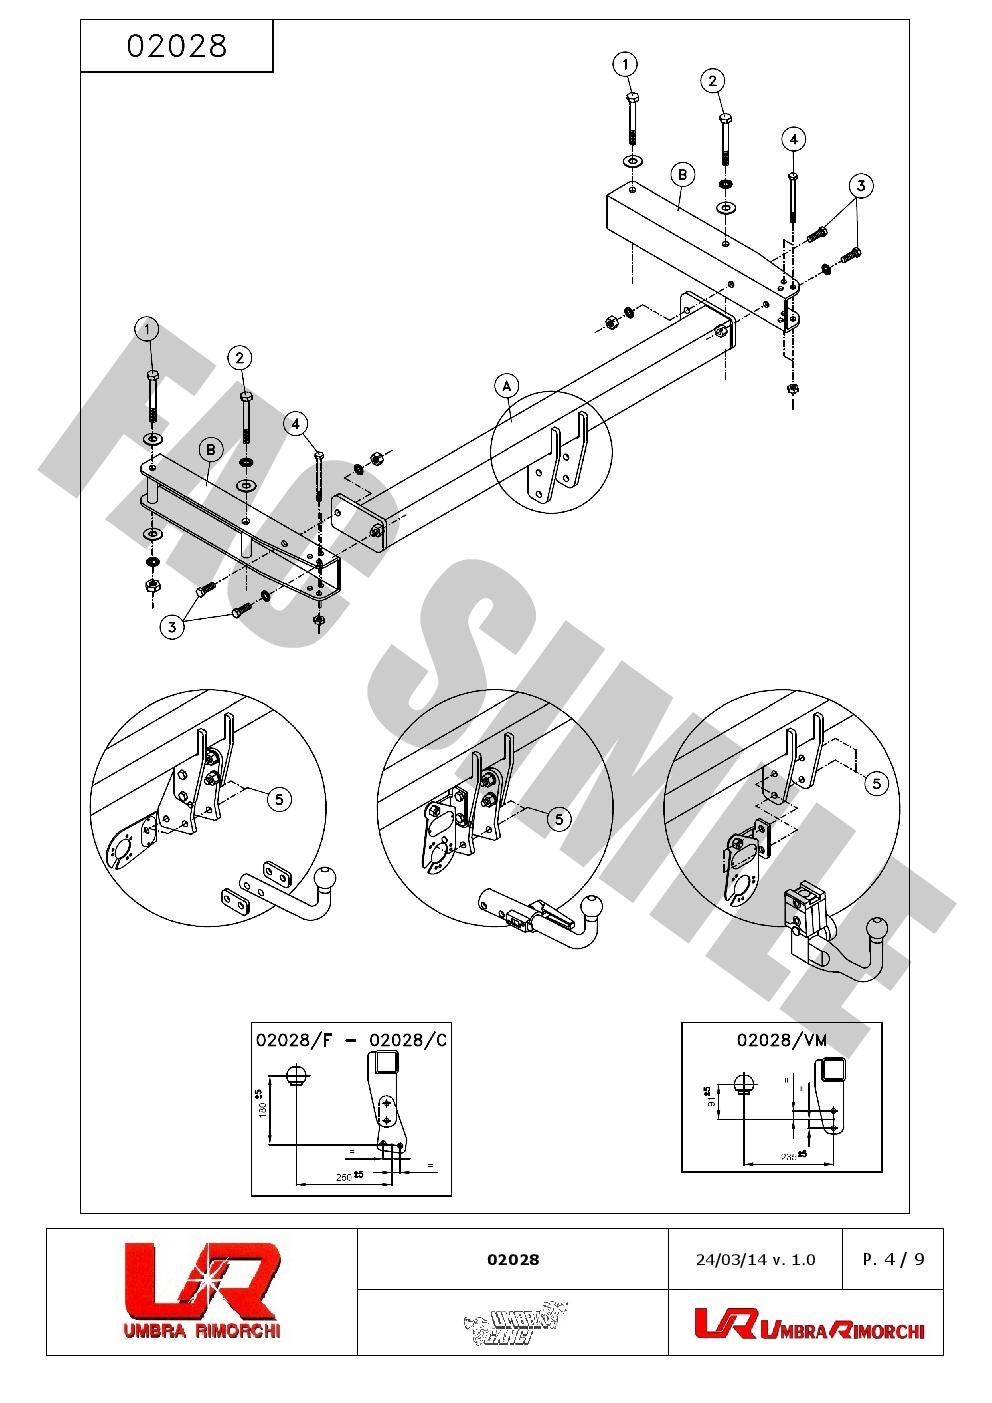 Detachable Towbar   7pin Wiring For Audi A4 Avant Estate Quattro 08